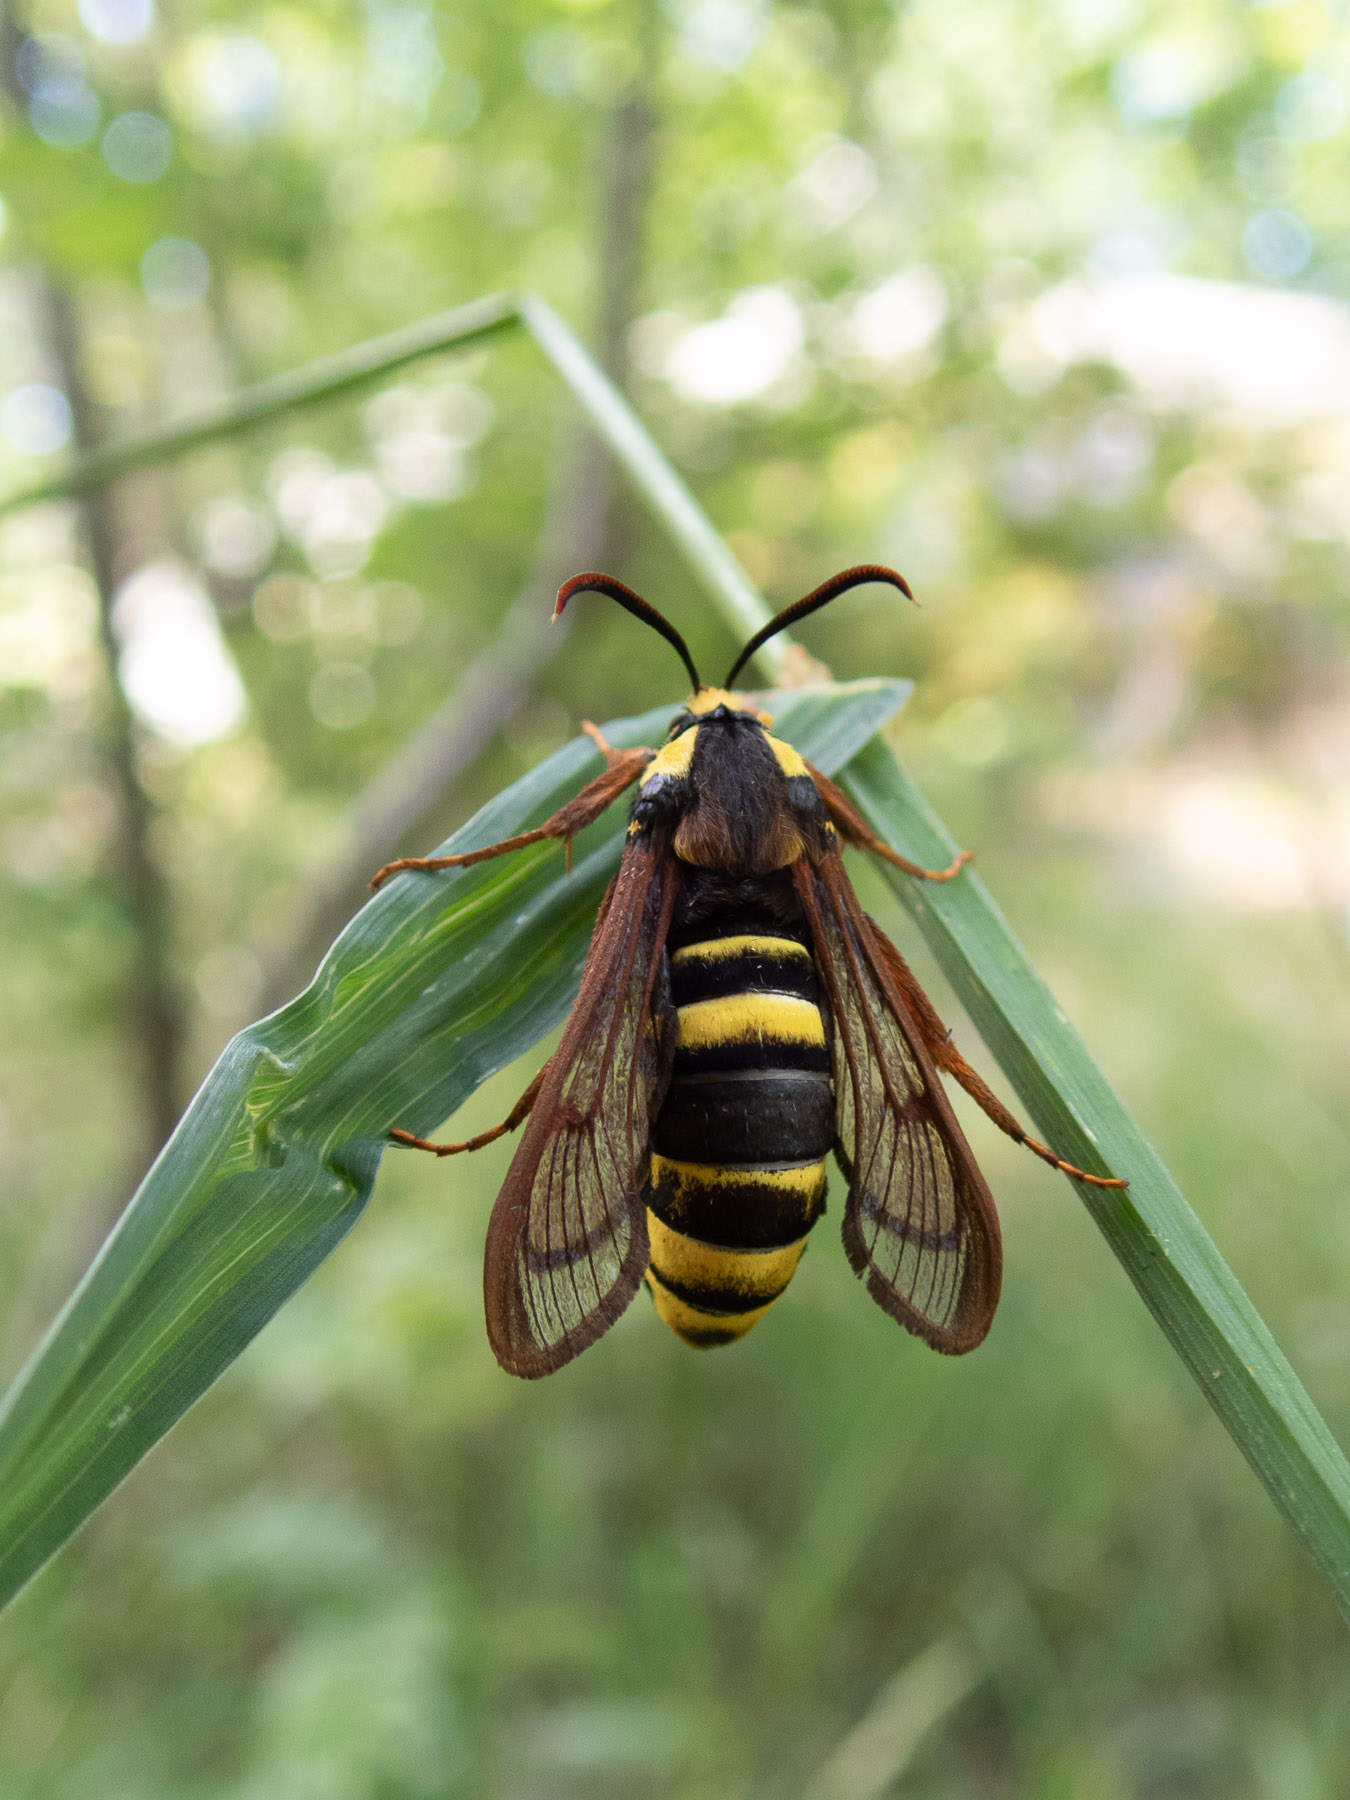 Стеклянница тополёвая большая (Sesia apiformis)Стеклянница тополёвая большая (Sesia apiformis) - очень интересная бабочка, которой свойственна бейтсовская мимикрия - защитный механизм, при котором съедобный вид имитирует несъедобный или ядовитый и становится непривлекательным для хищников. Тополёвая стеклянница имитирует не только окрас шершней, но и их размер и манеру полёта, таким образом отпугивая желающих полакомиться собой. Автор фото: Сутормина Марина